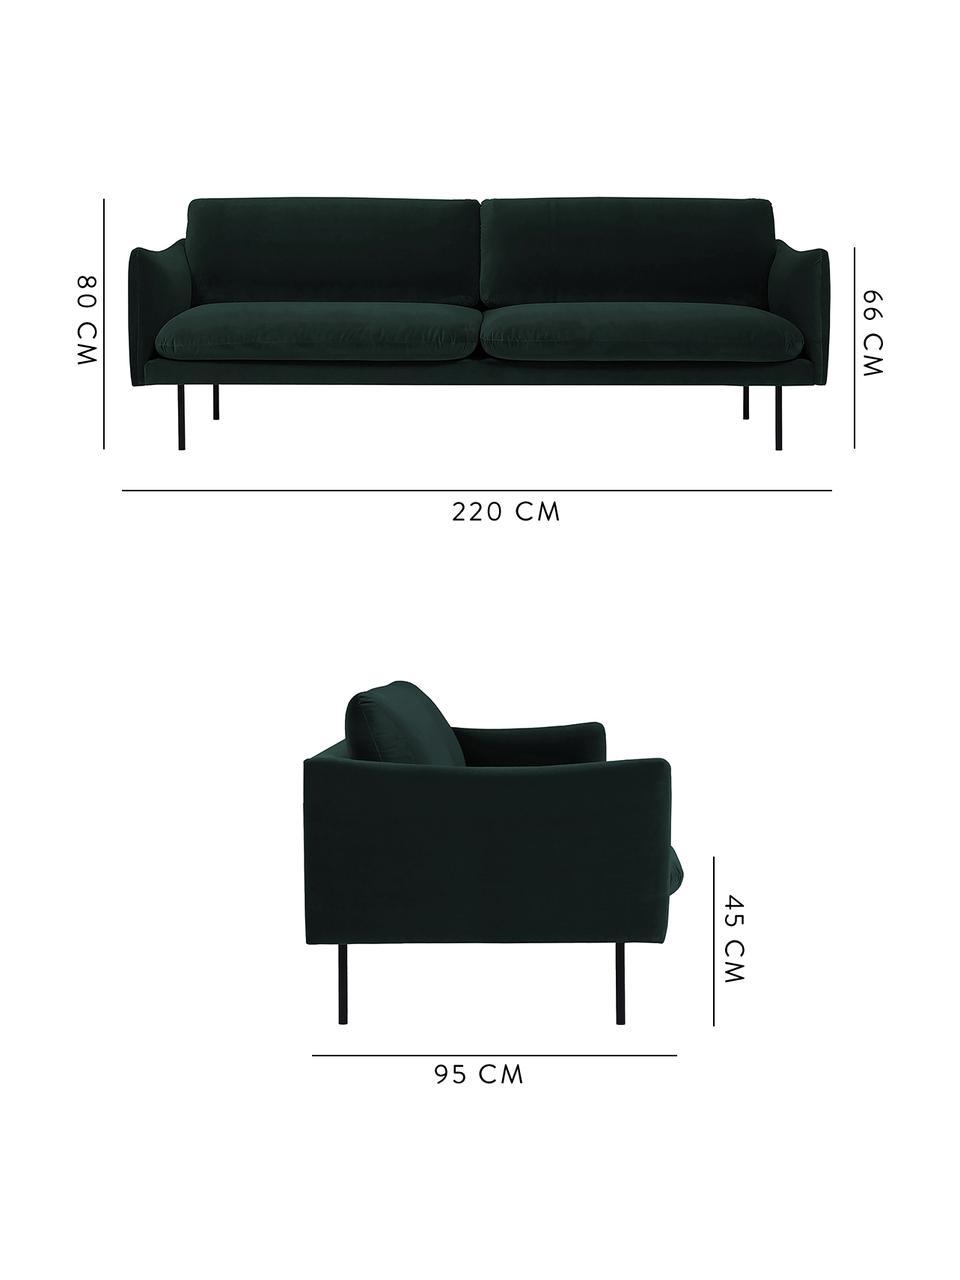 Sofa z aksamitu z metalowymi nogami Moby (3-osobowa), Tapicerka: aksamit (wysokiej jakości, Stelaż: lite drewno sosnowe, Nogi: metal malowany proszkowo, Aksamitny ciemny zielony, S 220 x G 95 cm